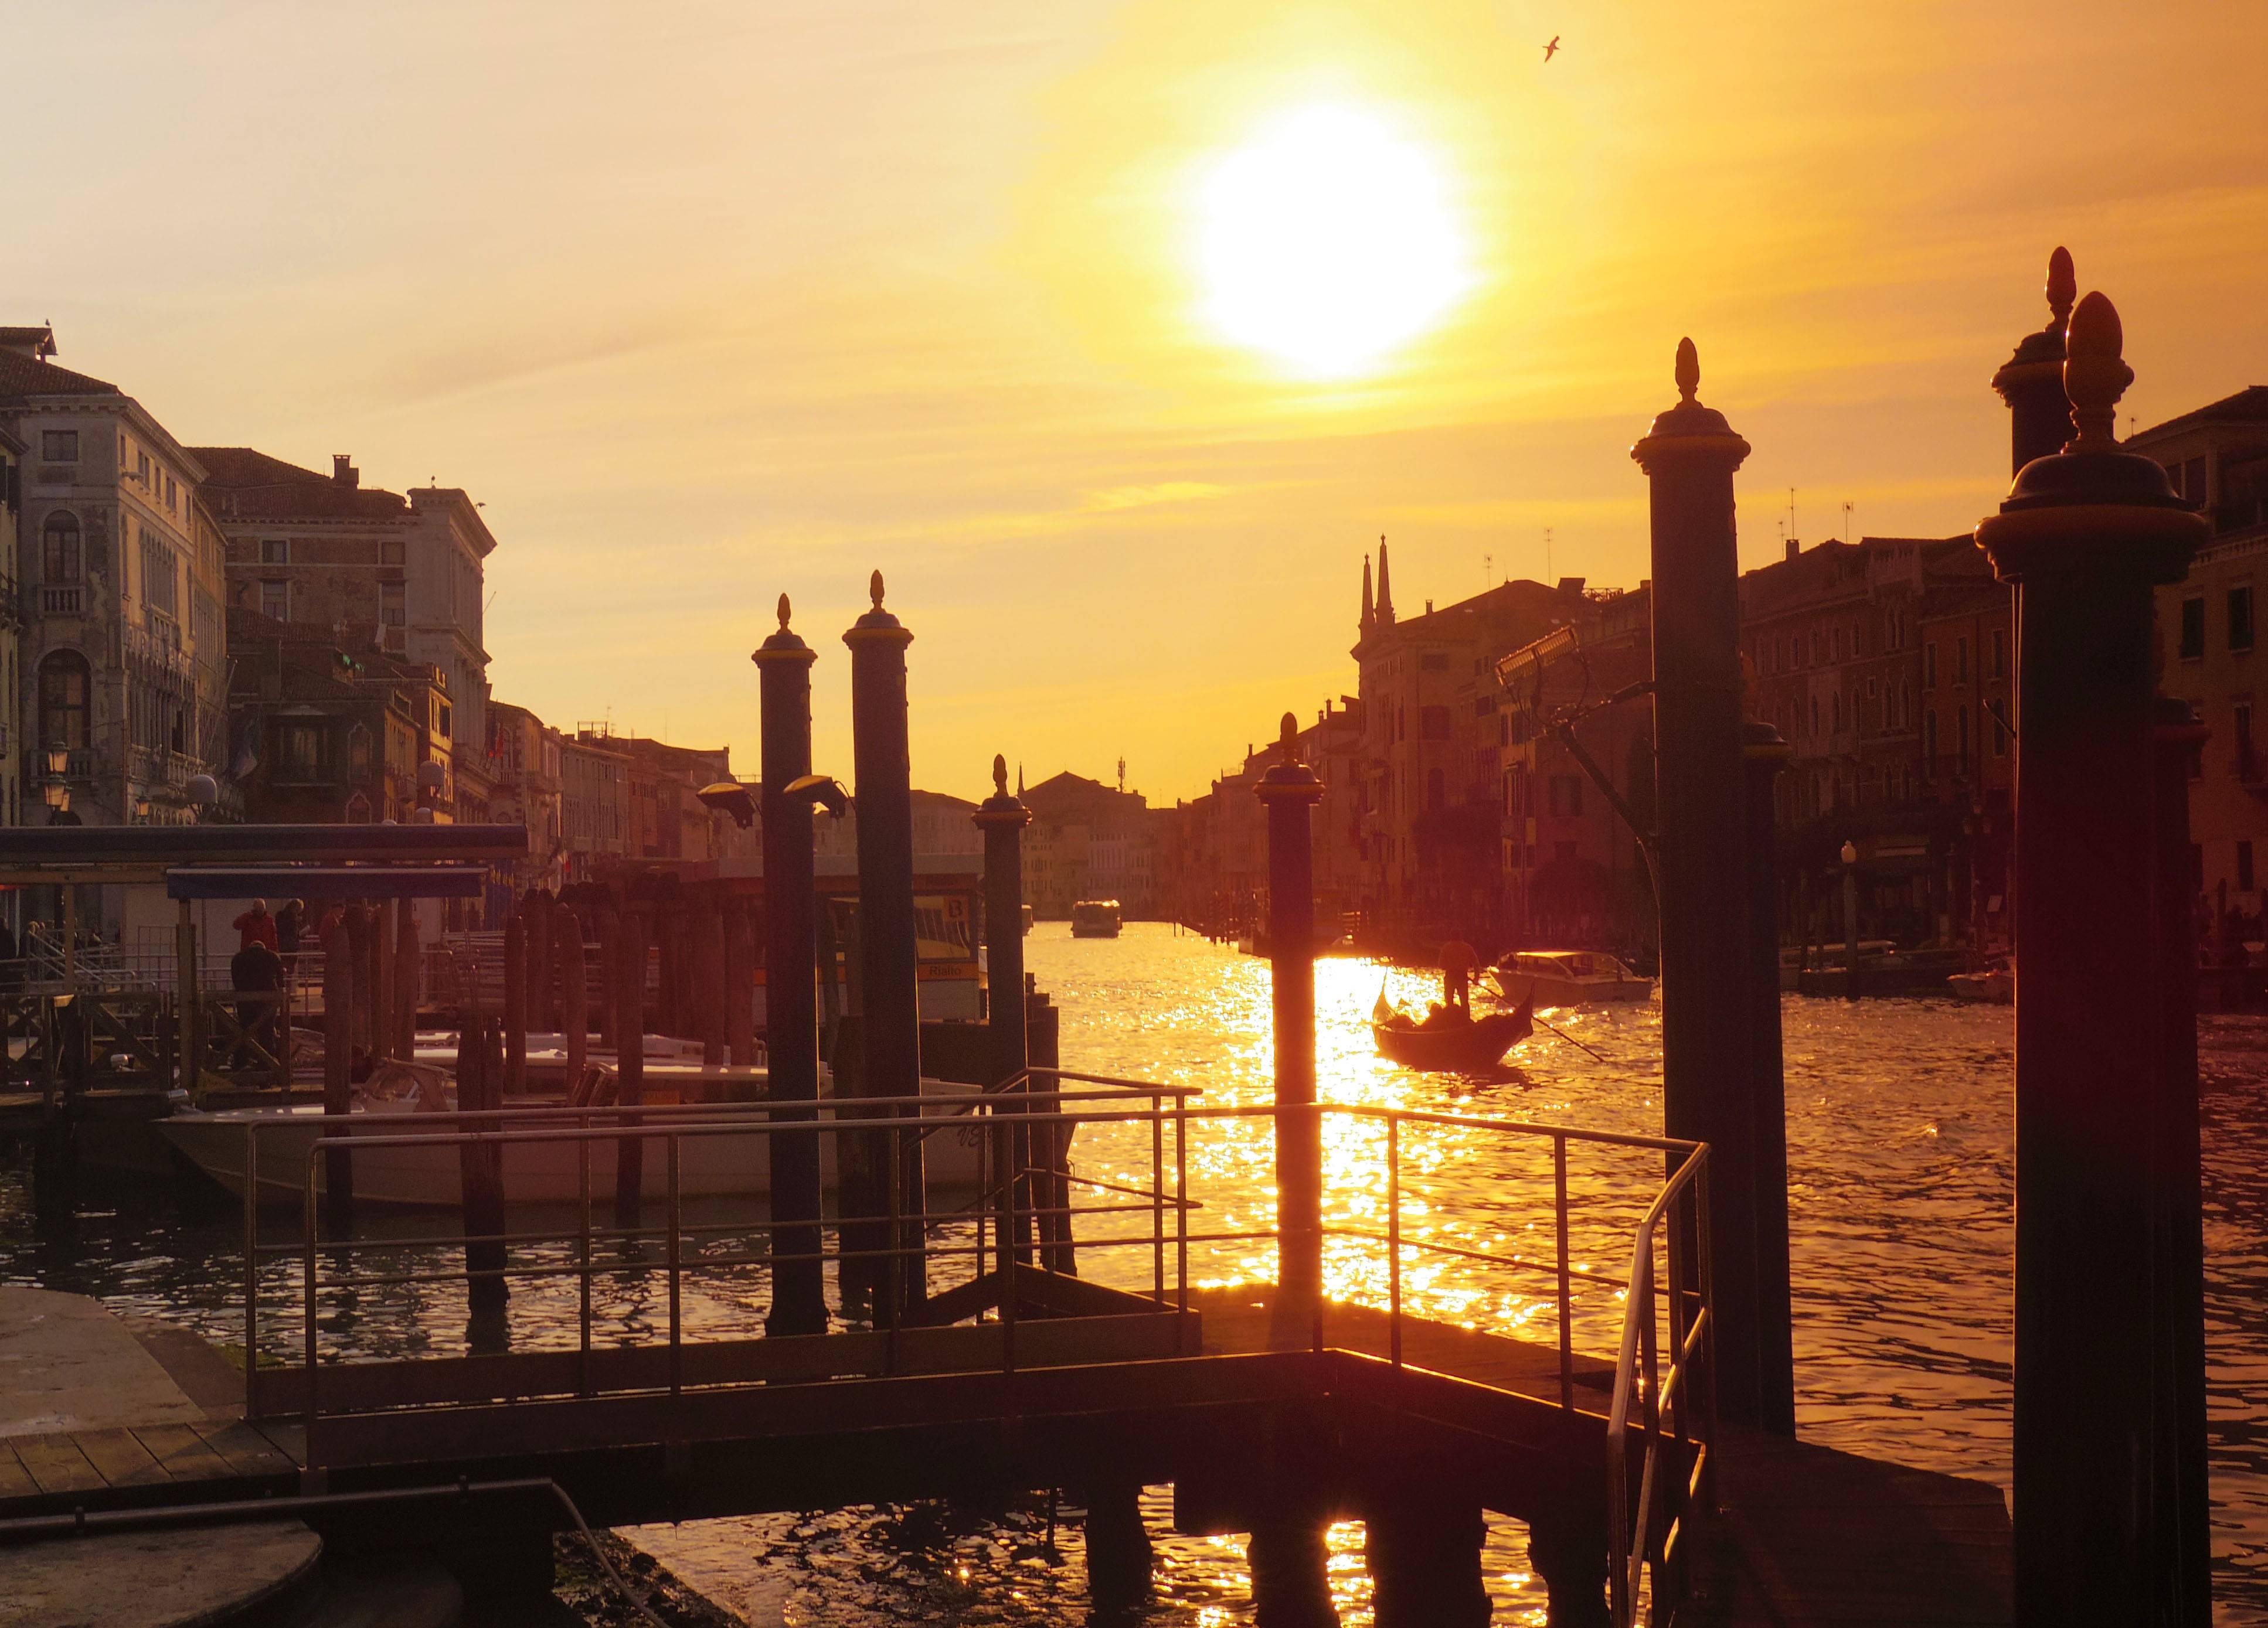 Photo 2: Venise et son grand canal